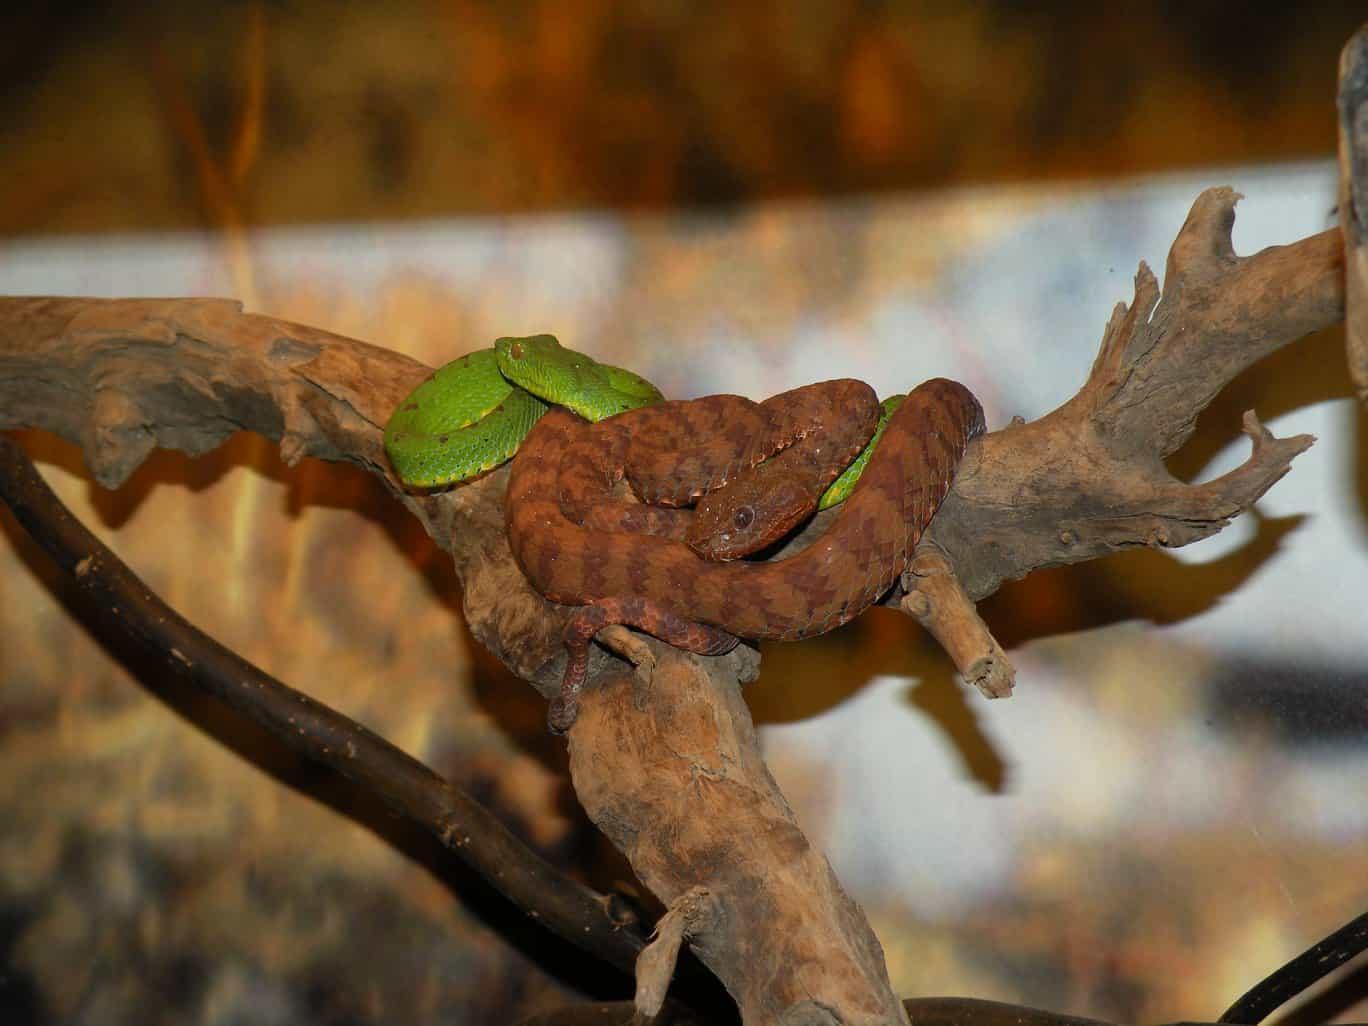 Ausflugstipps am Wörthersee - Reptilienzoo Happ in Klagenfurt mit vielen Schlangenarten